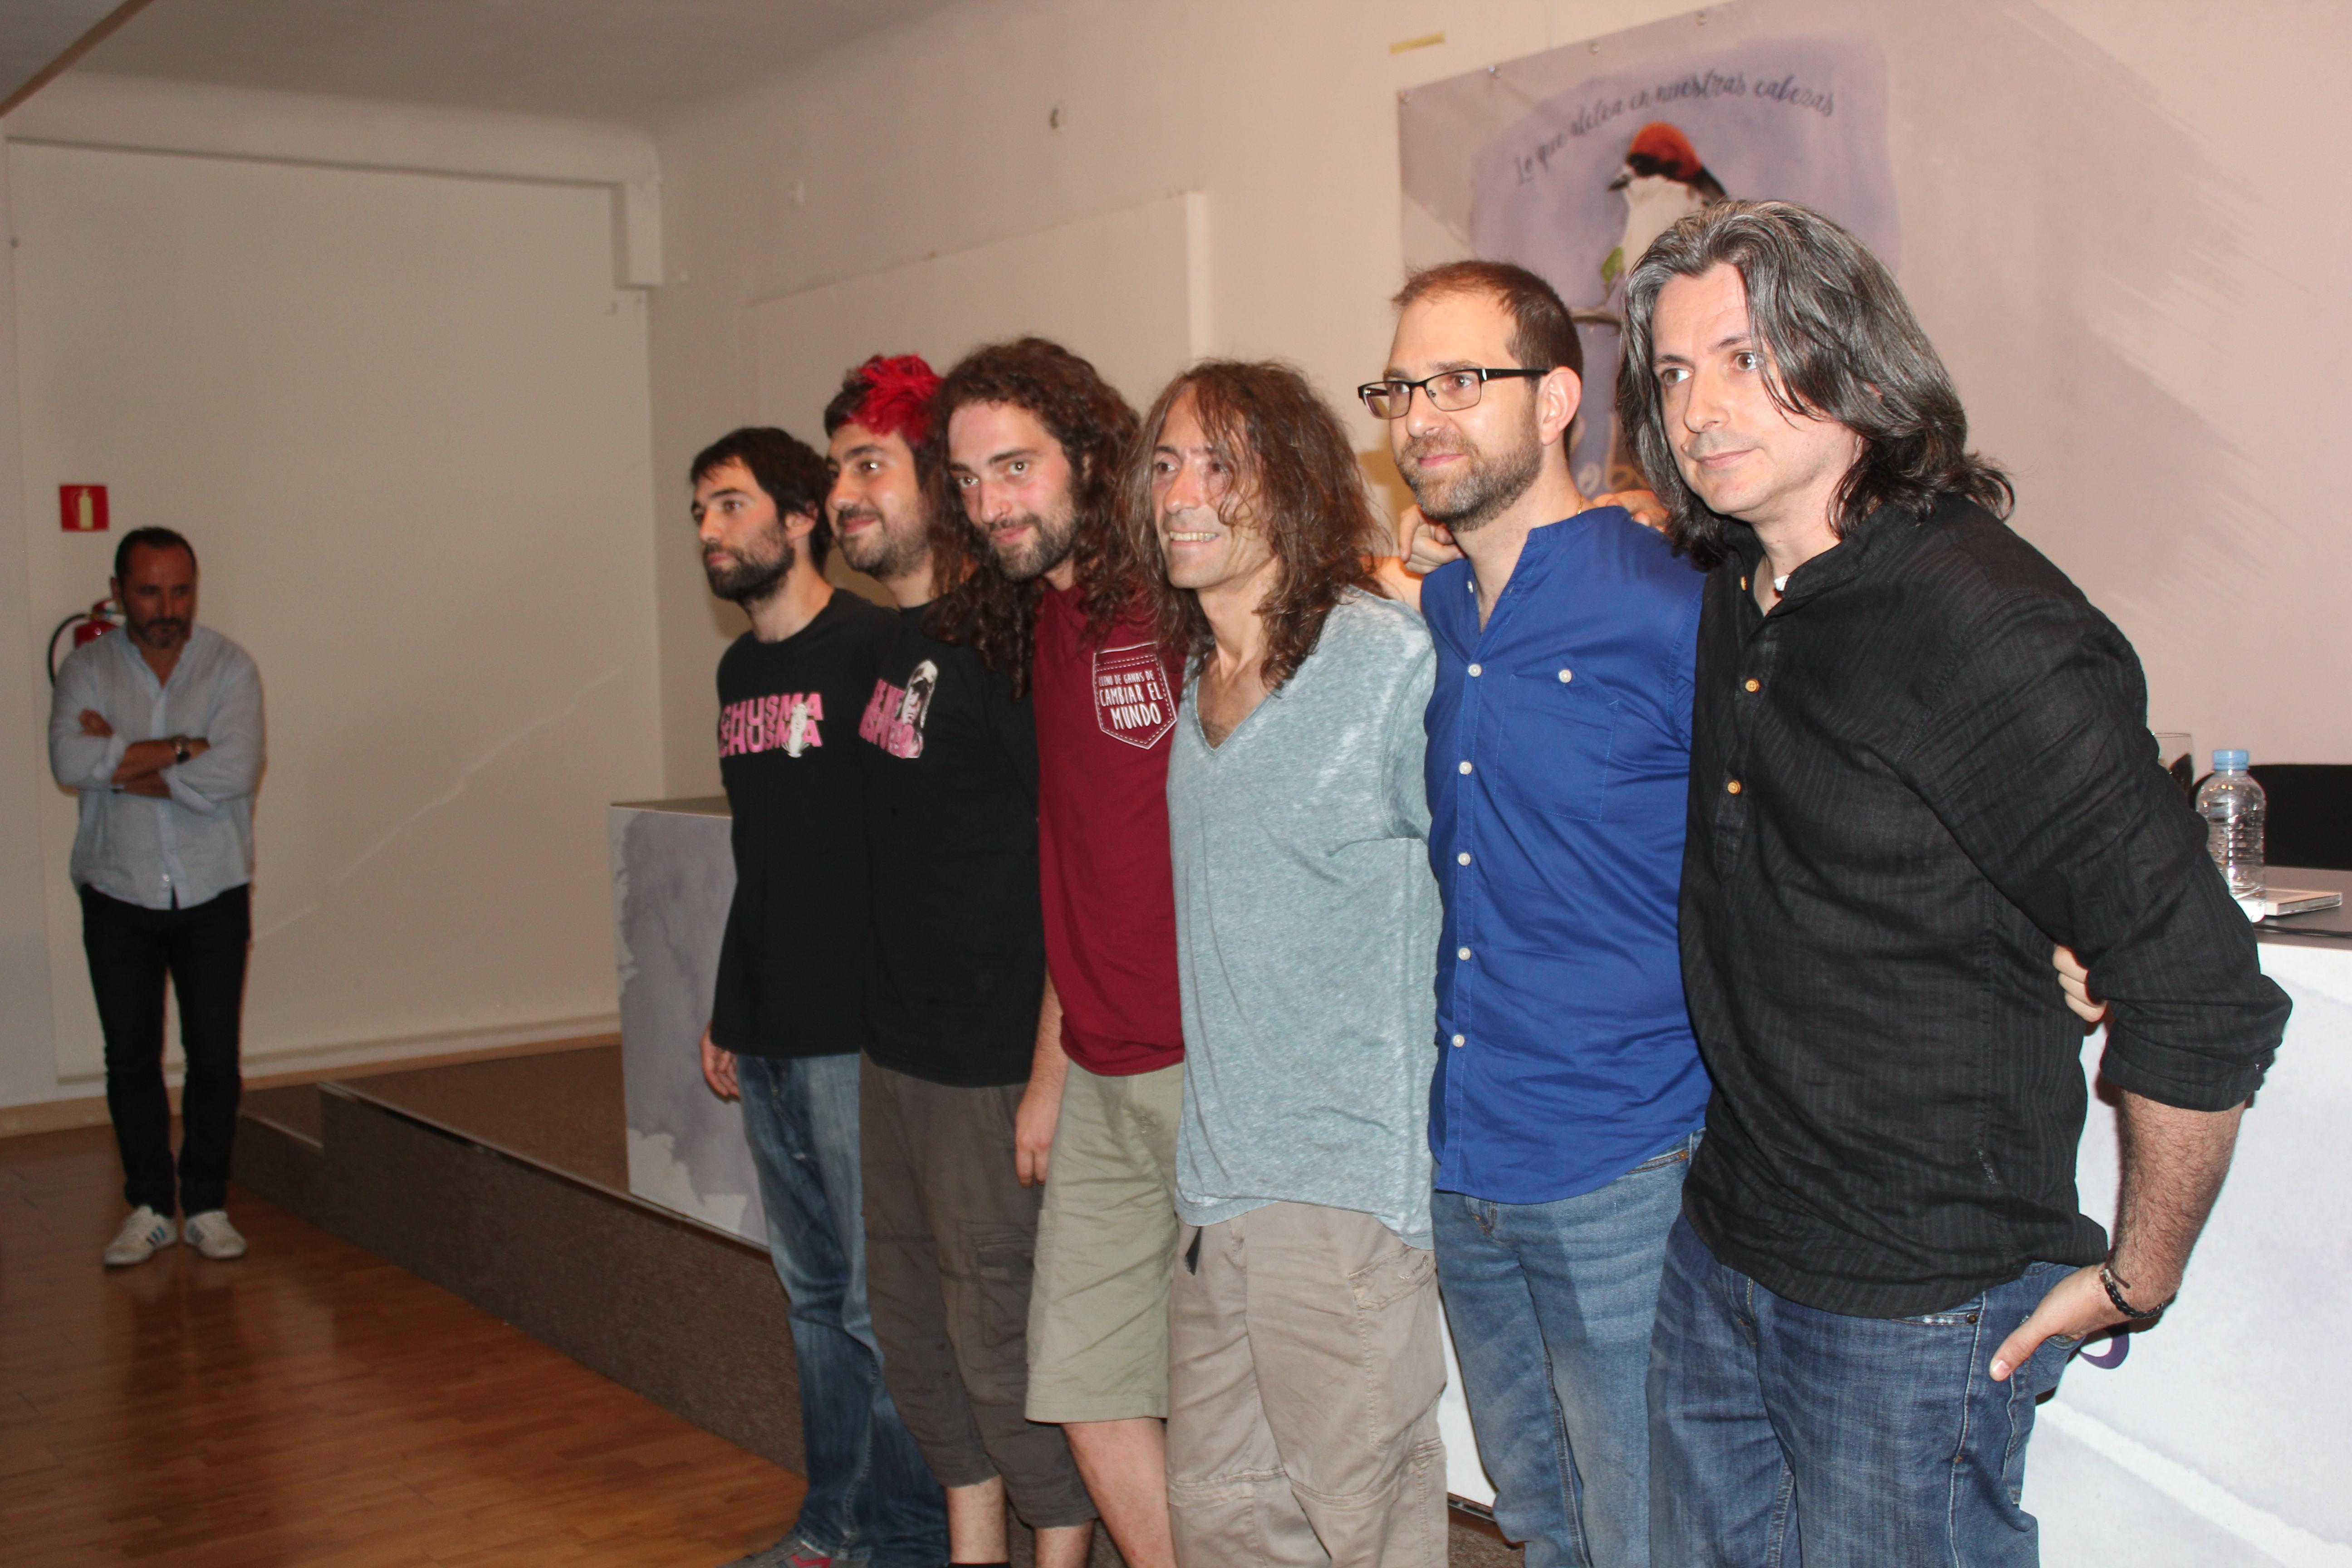 Los musicos que han participado en la grabación del disco posan junto a Robe Iniesta